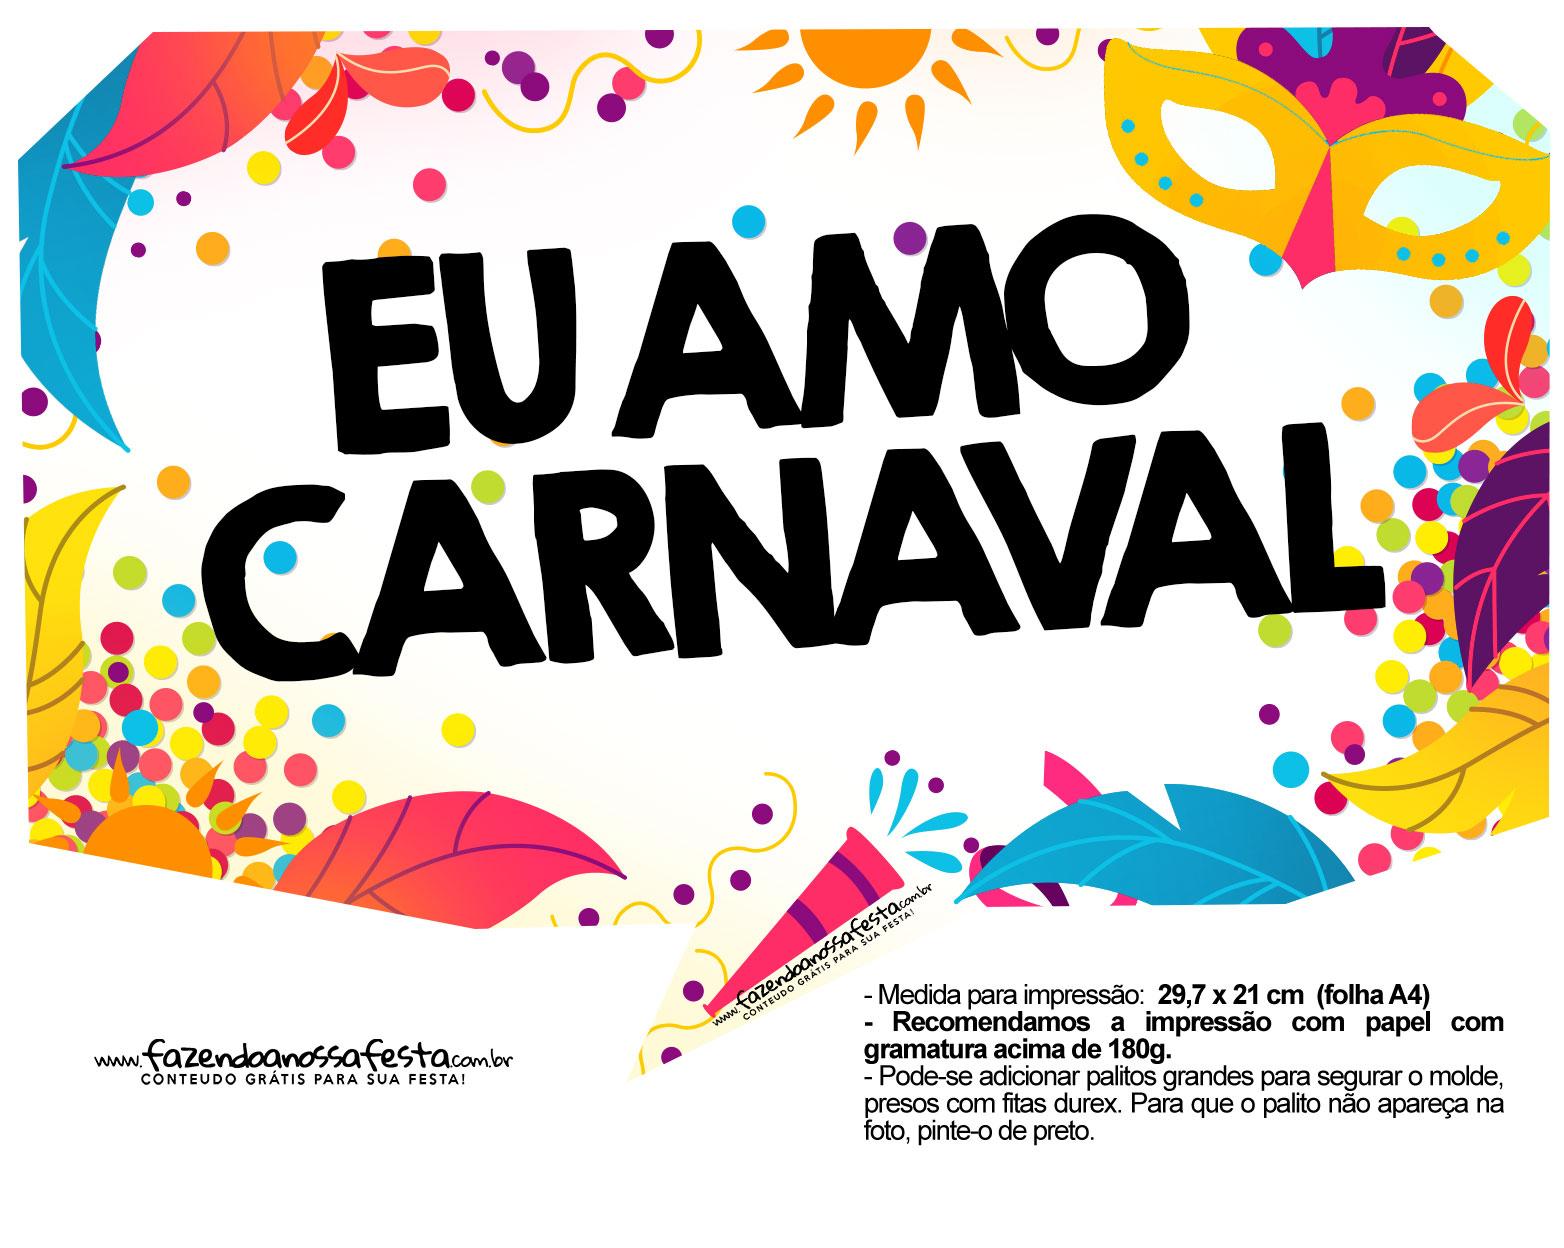 Plaquinhas divertidas de Carnaval gratis 19